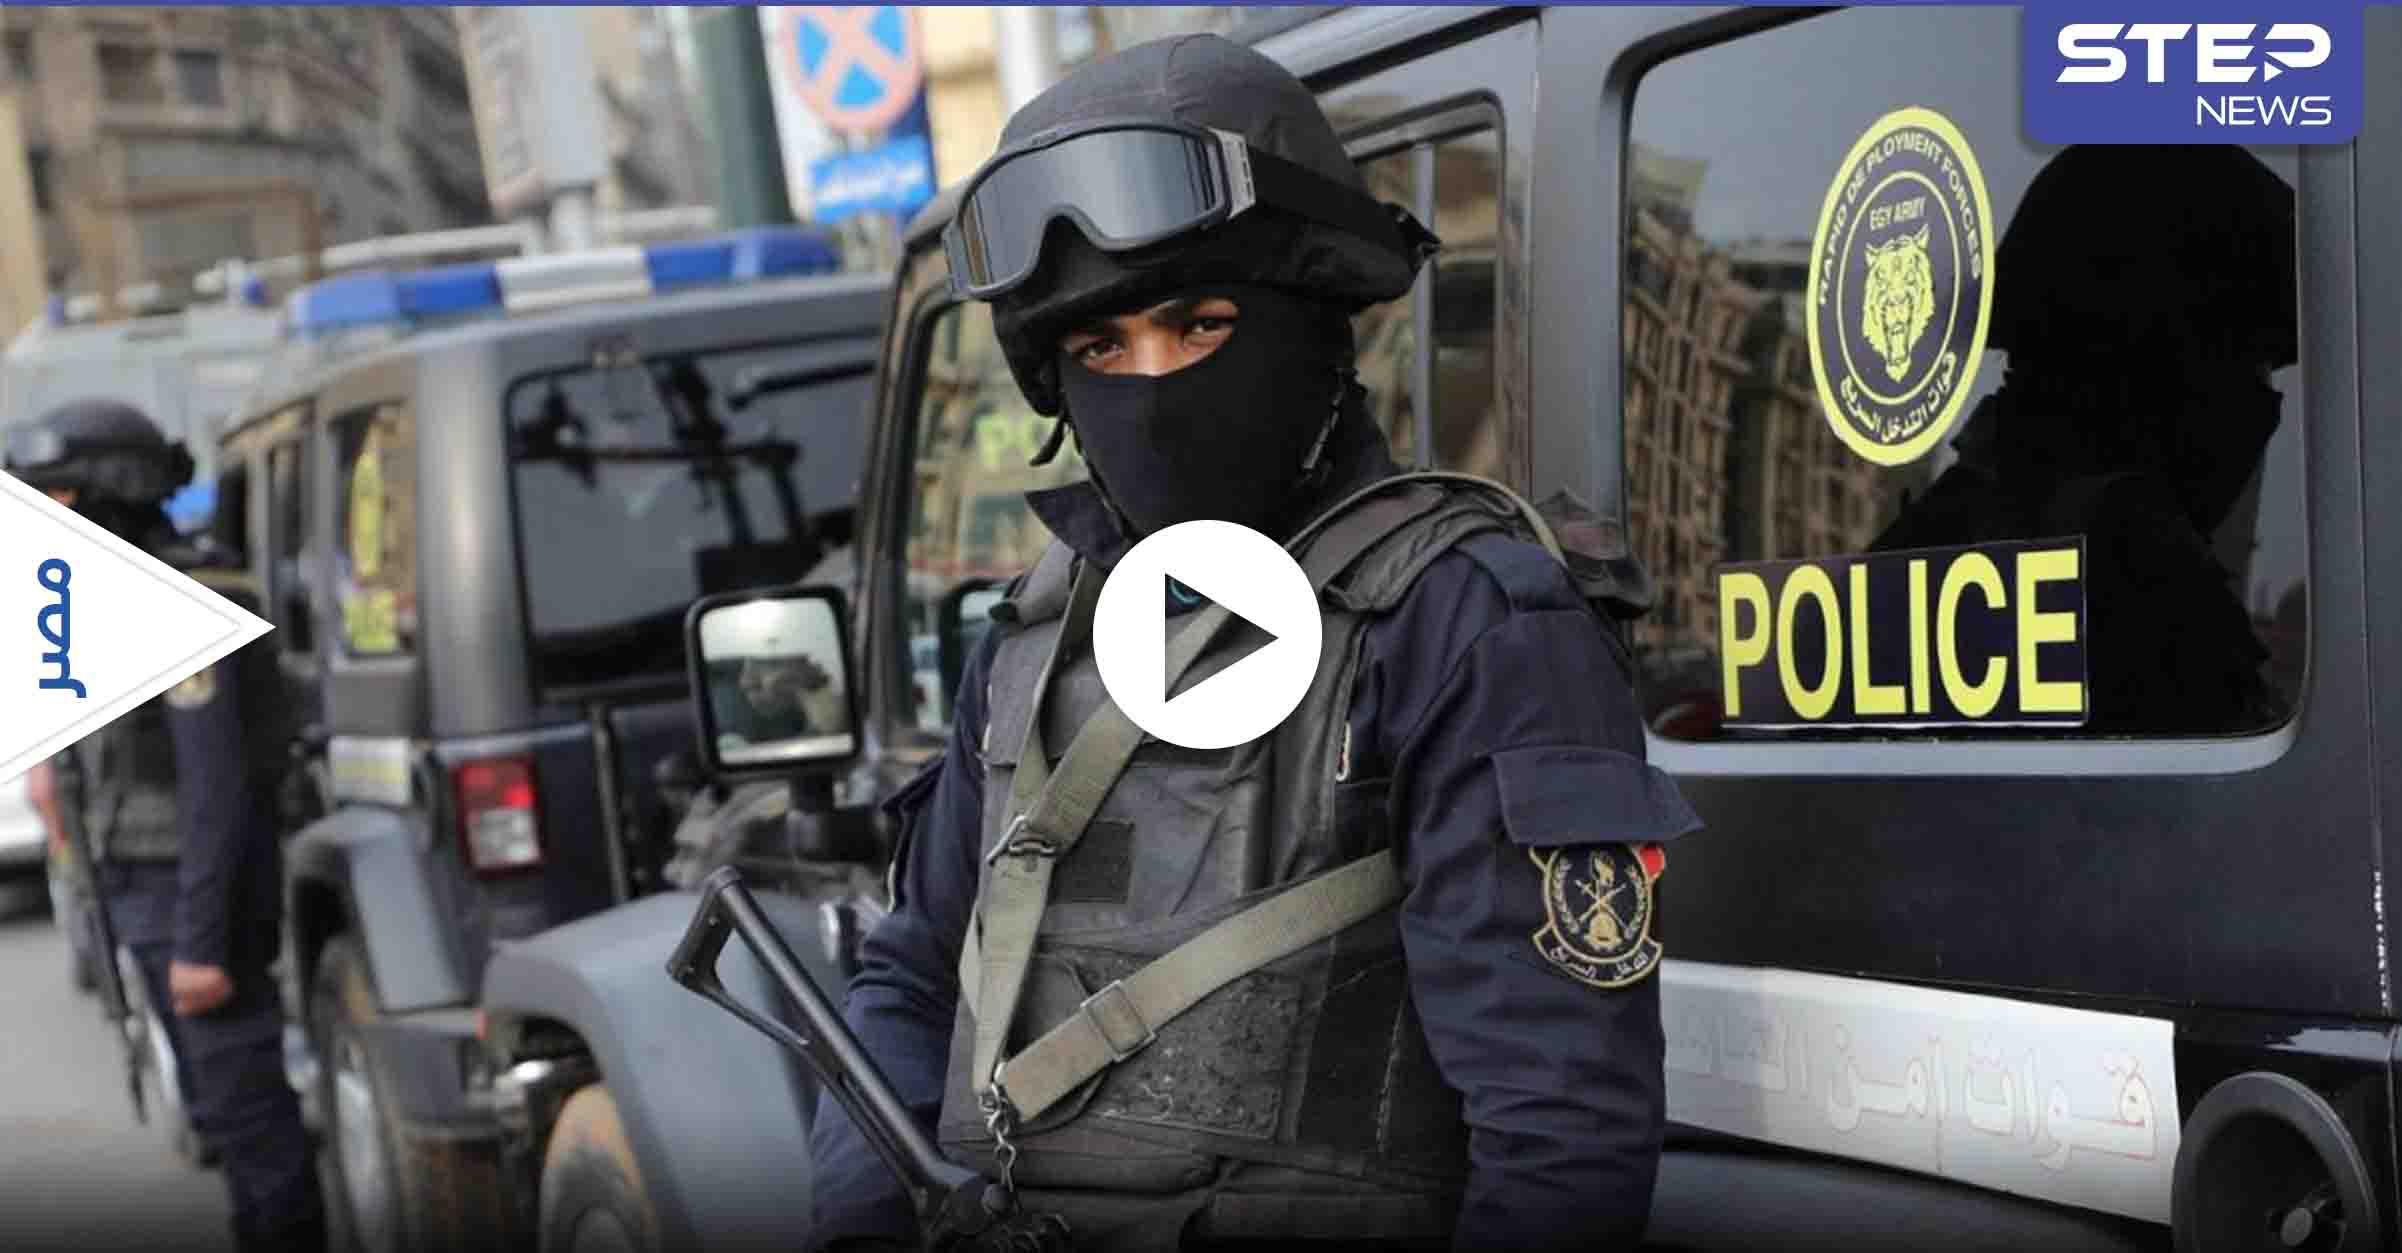 بالفيديو|| الأمن المصري يكشف تفاصيل واقعة نزع محامي لرتب ضابط شرطة عن كتفيه